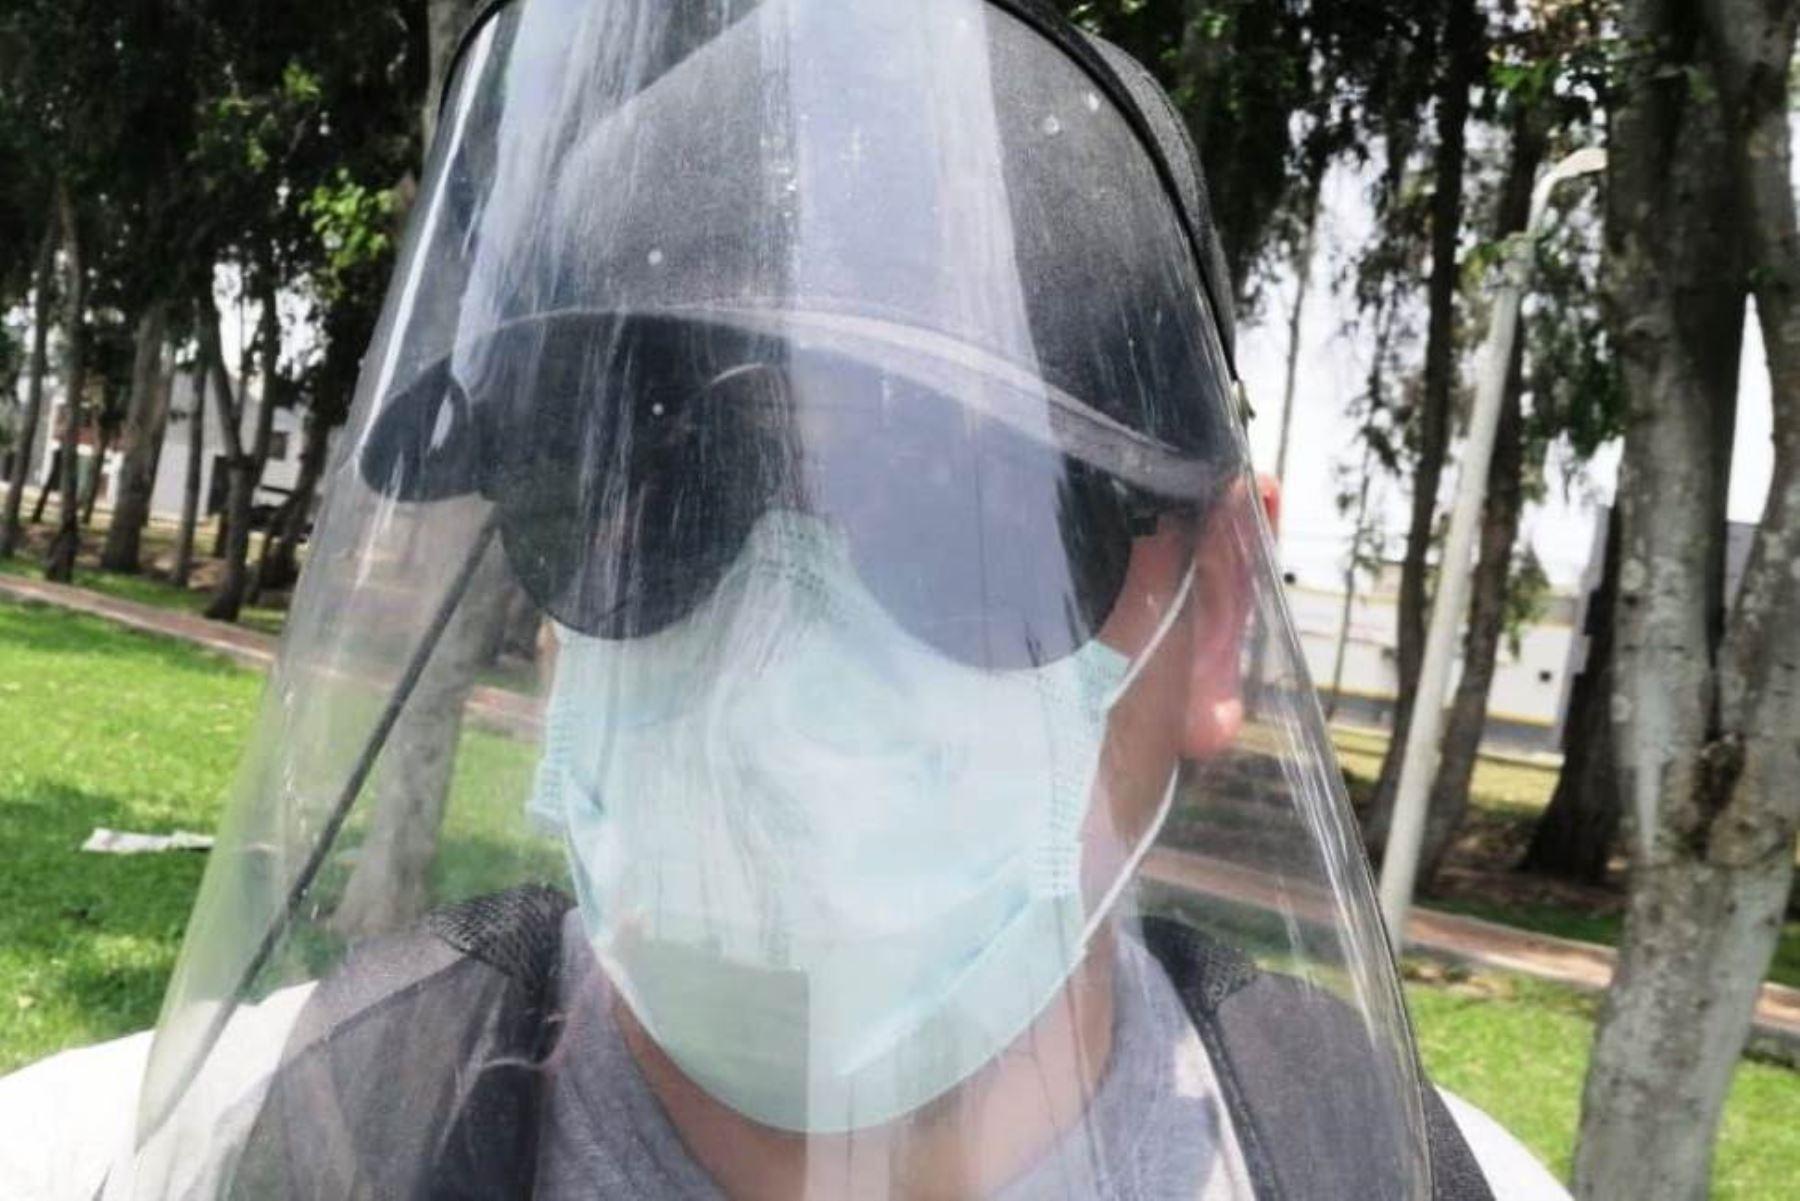 INO recomienda uso de lentes con filtros de protección UV así se lleve escudo facial. Foto: ANDINA/Difusión.